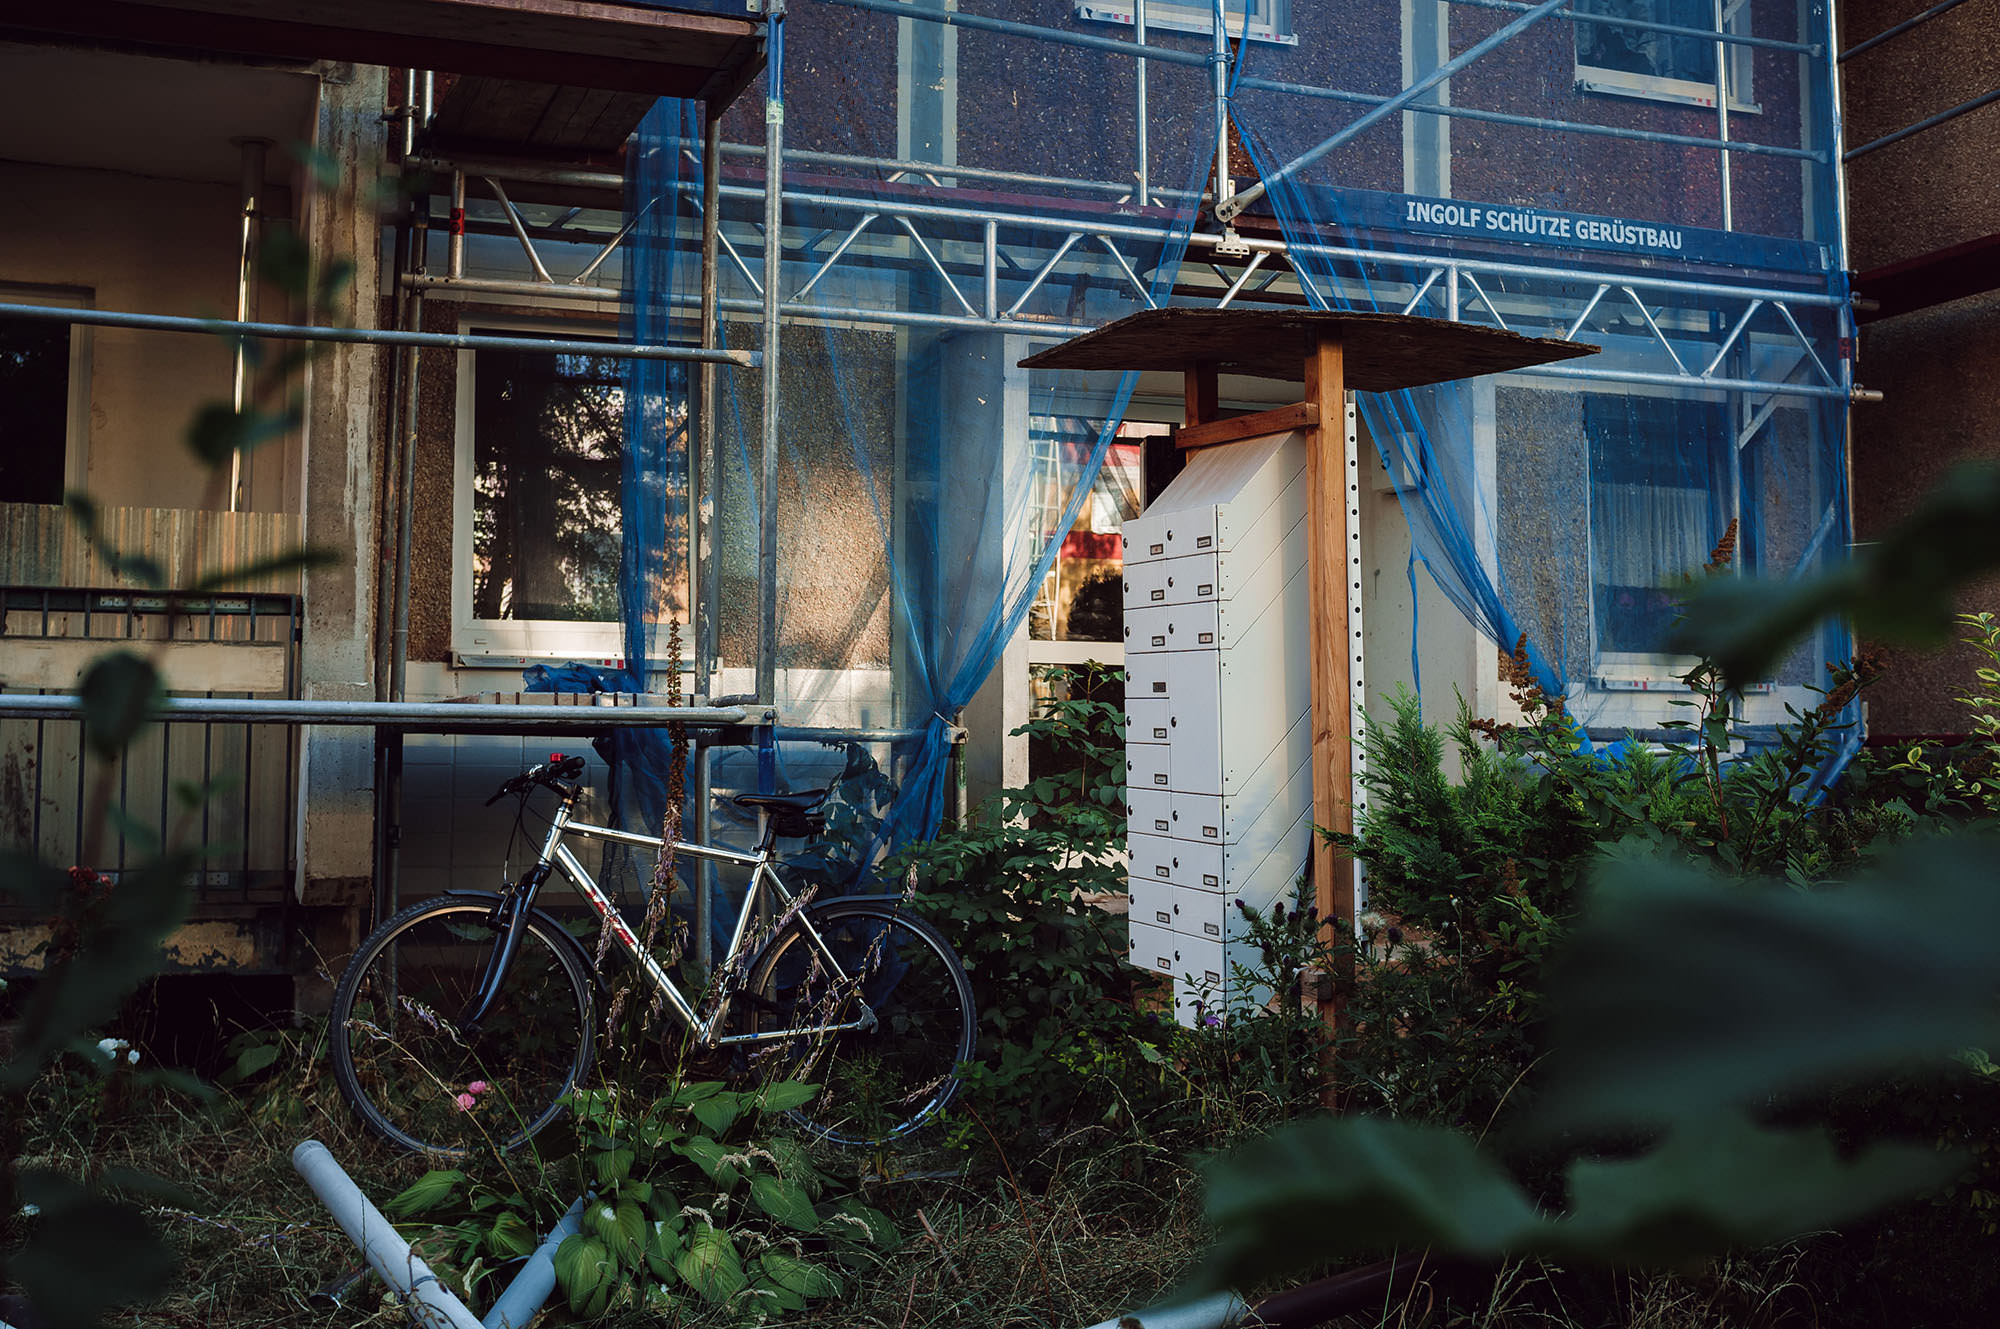 leipzig gruenau construction